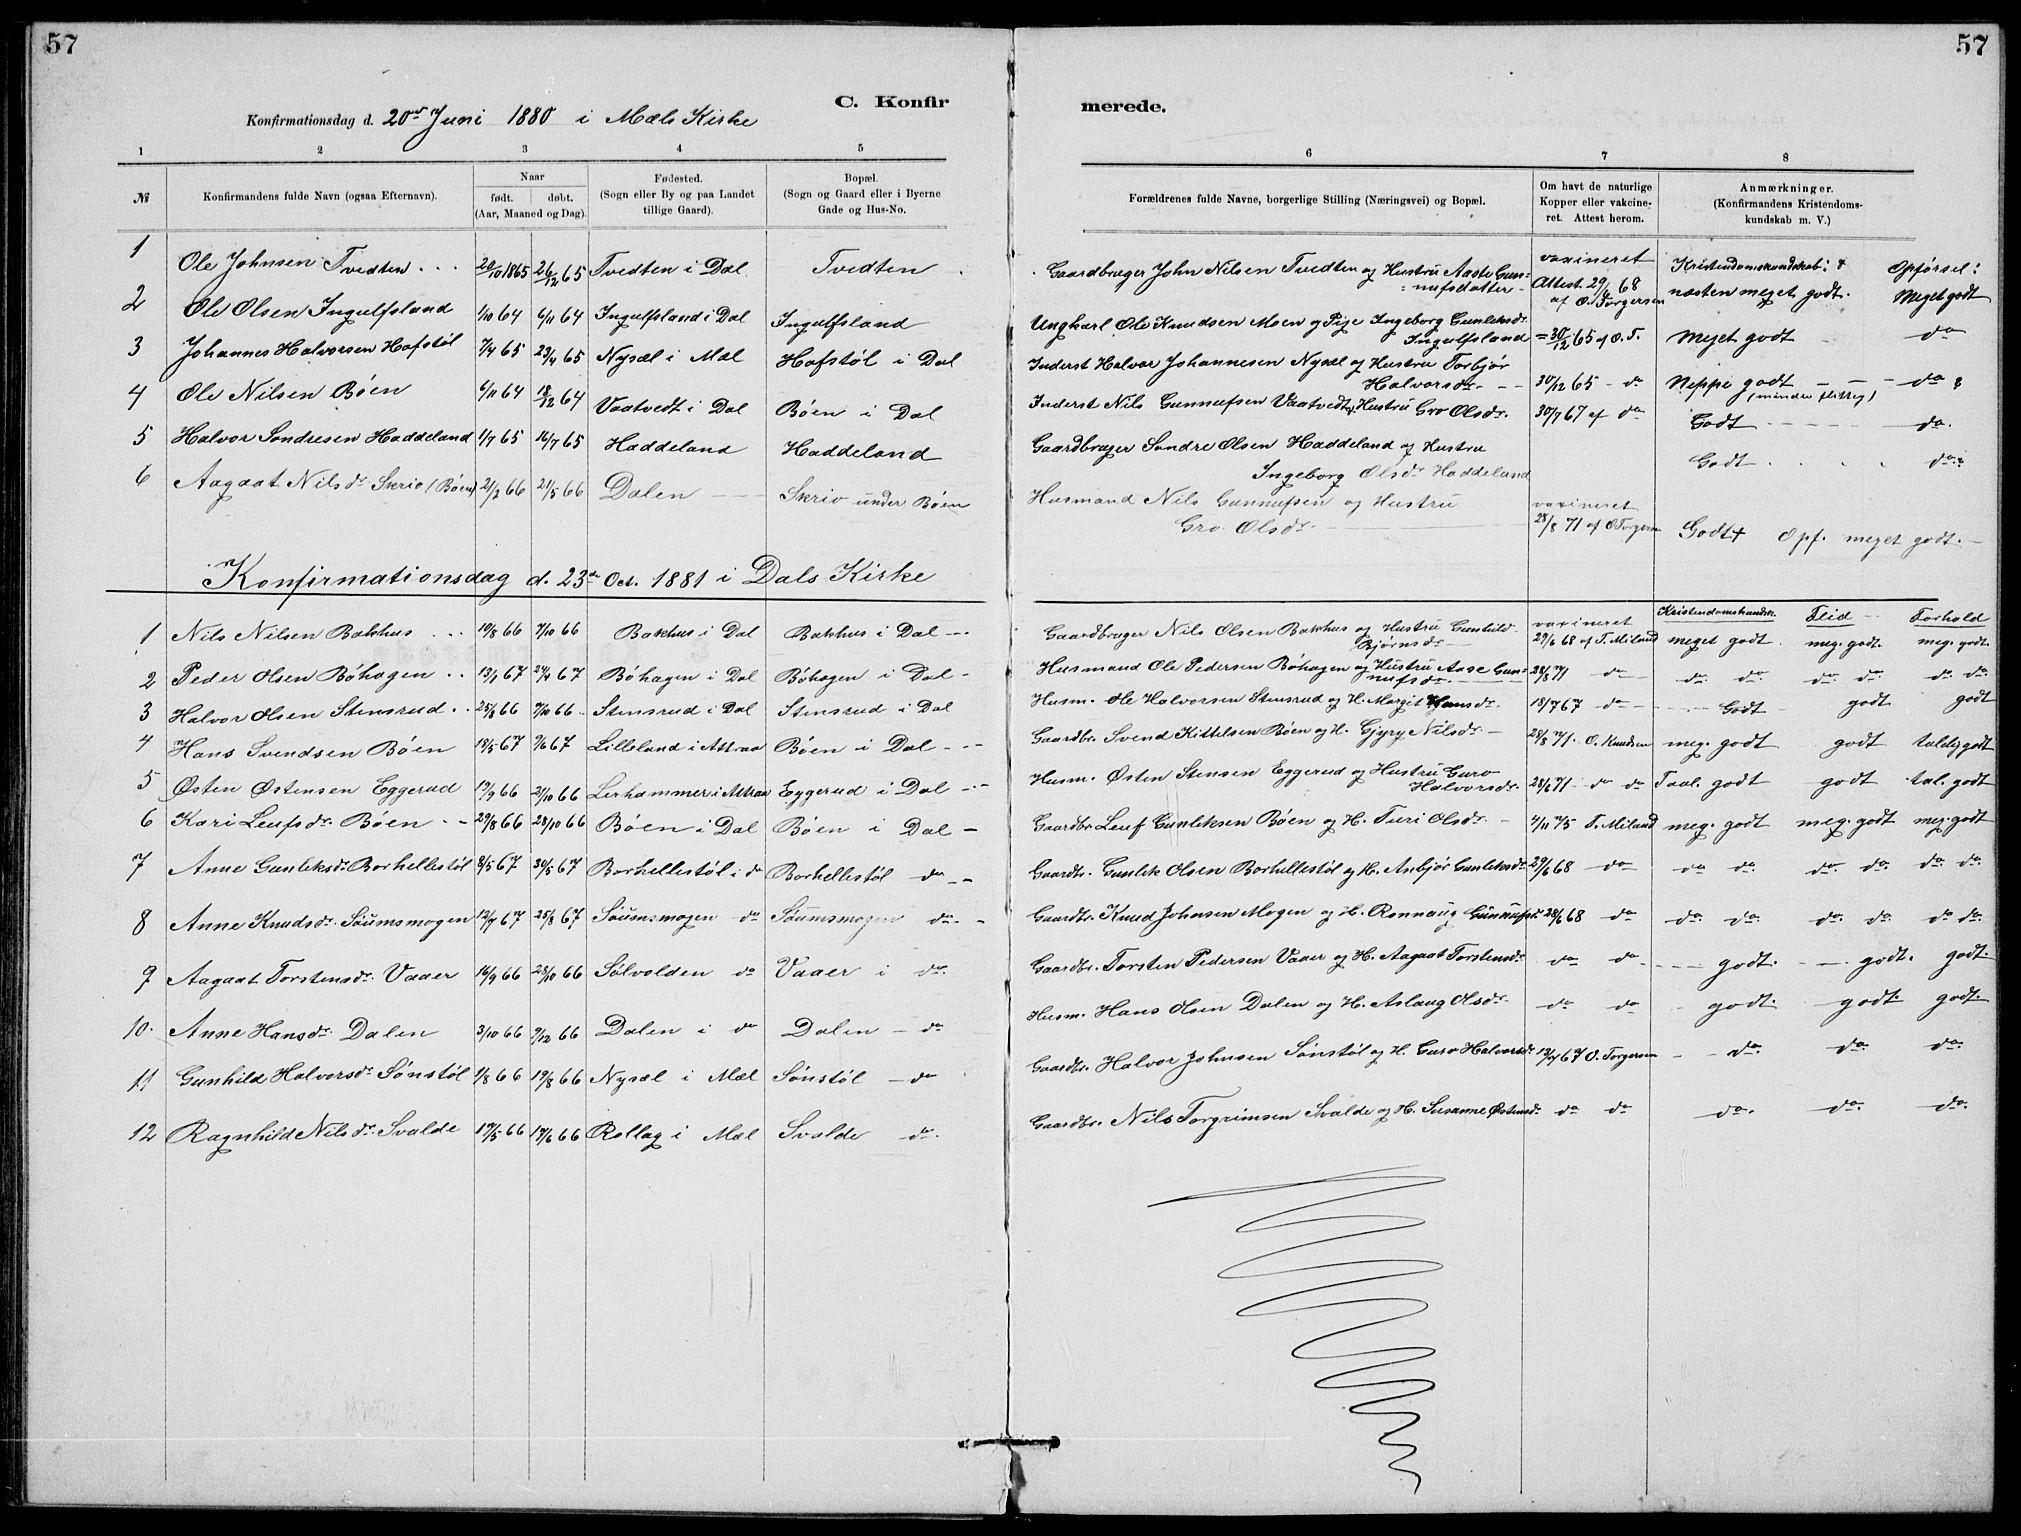 SAKO, Rjukan kirkebøker, G/Ga/L0001: Klokkerbok nr. 1, 1880-1914, s. 57